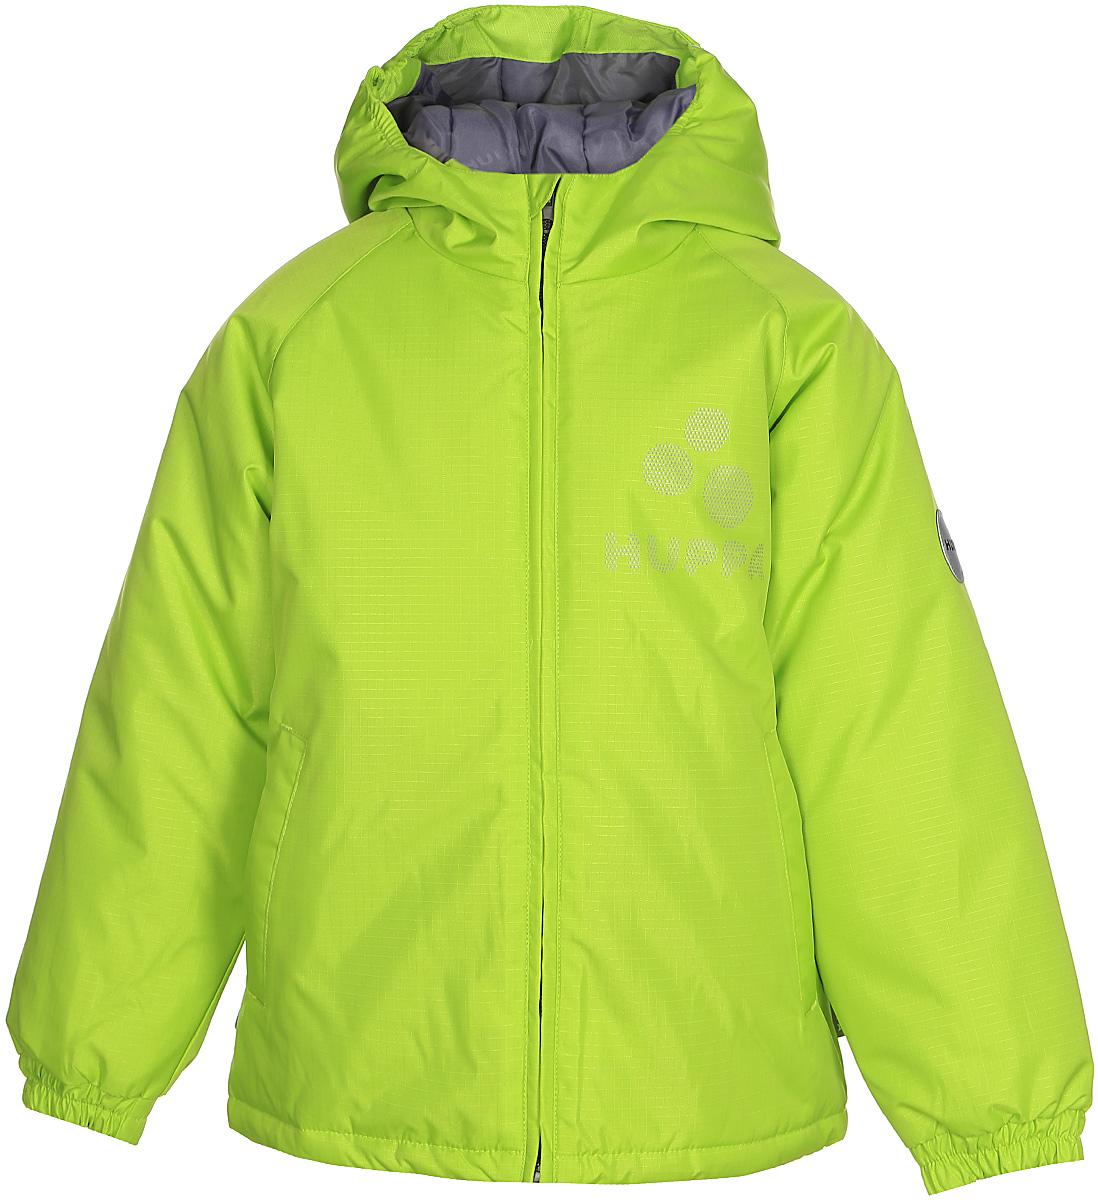 Куртка детская Huppa Classy, цвет: лайм. 17710030-047. Размер 12817710030-047Детская куртка Huppa изготовлена из водонепроницаемого полиэстера. Куртка с капюшоном застегивается на пластиковую застежку-молнию с защитой подбородка. Края капюшона и рукавов собраны на внутренние резинки. У модели имеются два врезных кармана. Изделие дополнено светоотражающими элементами.